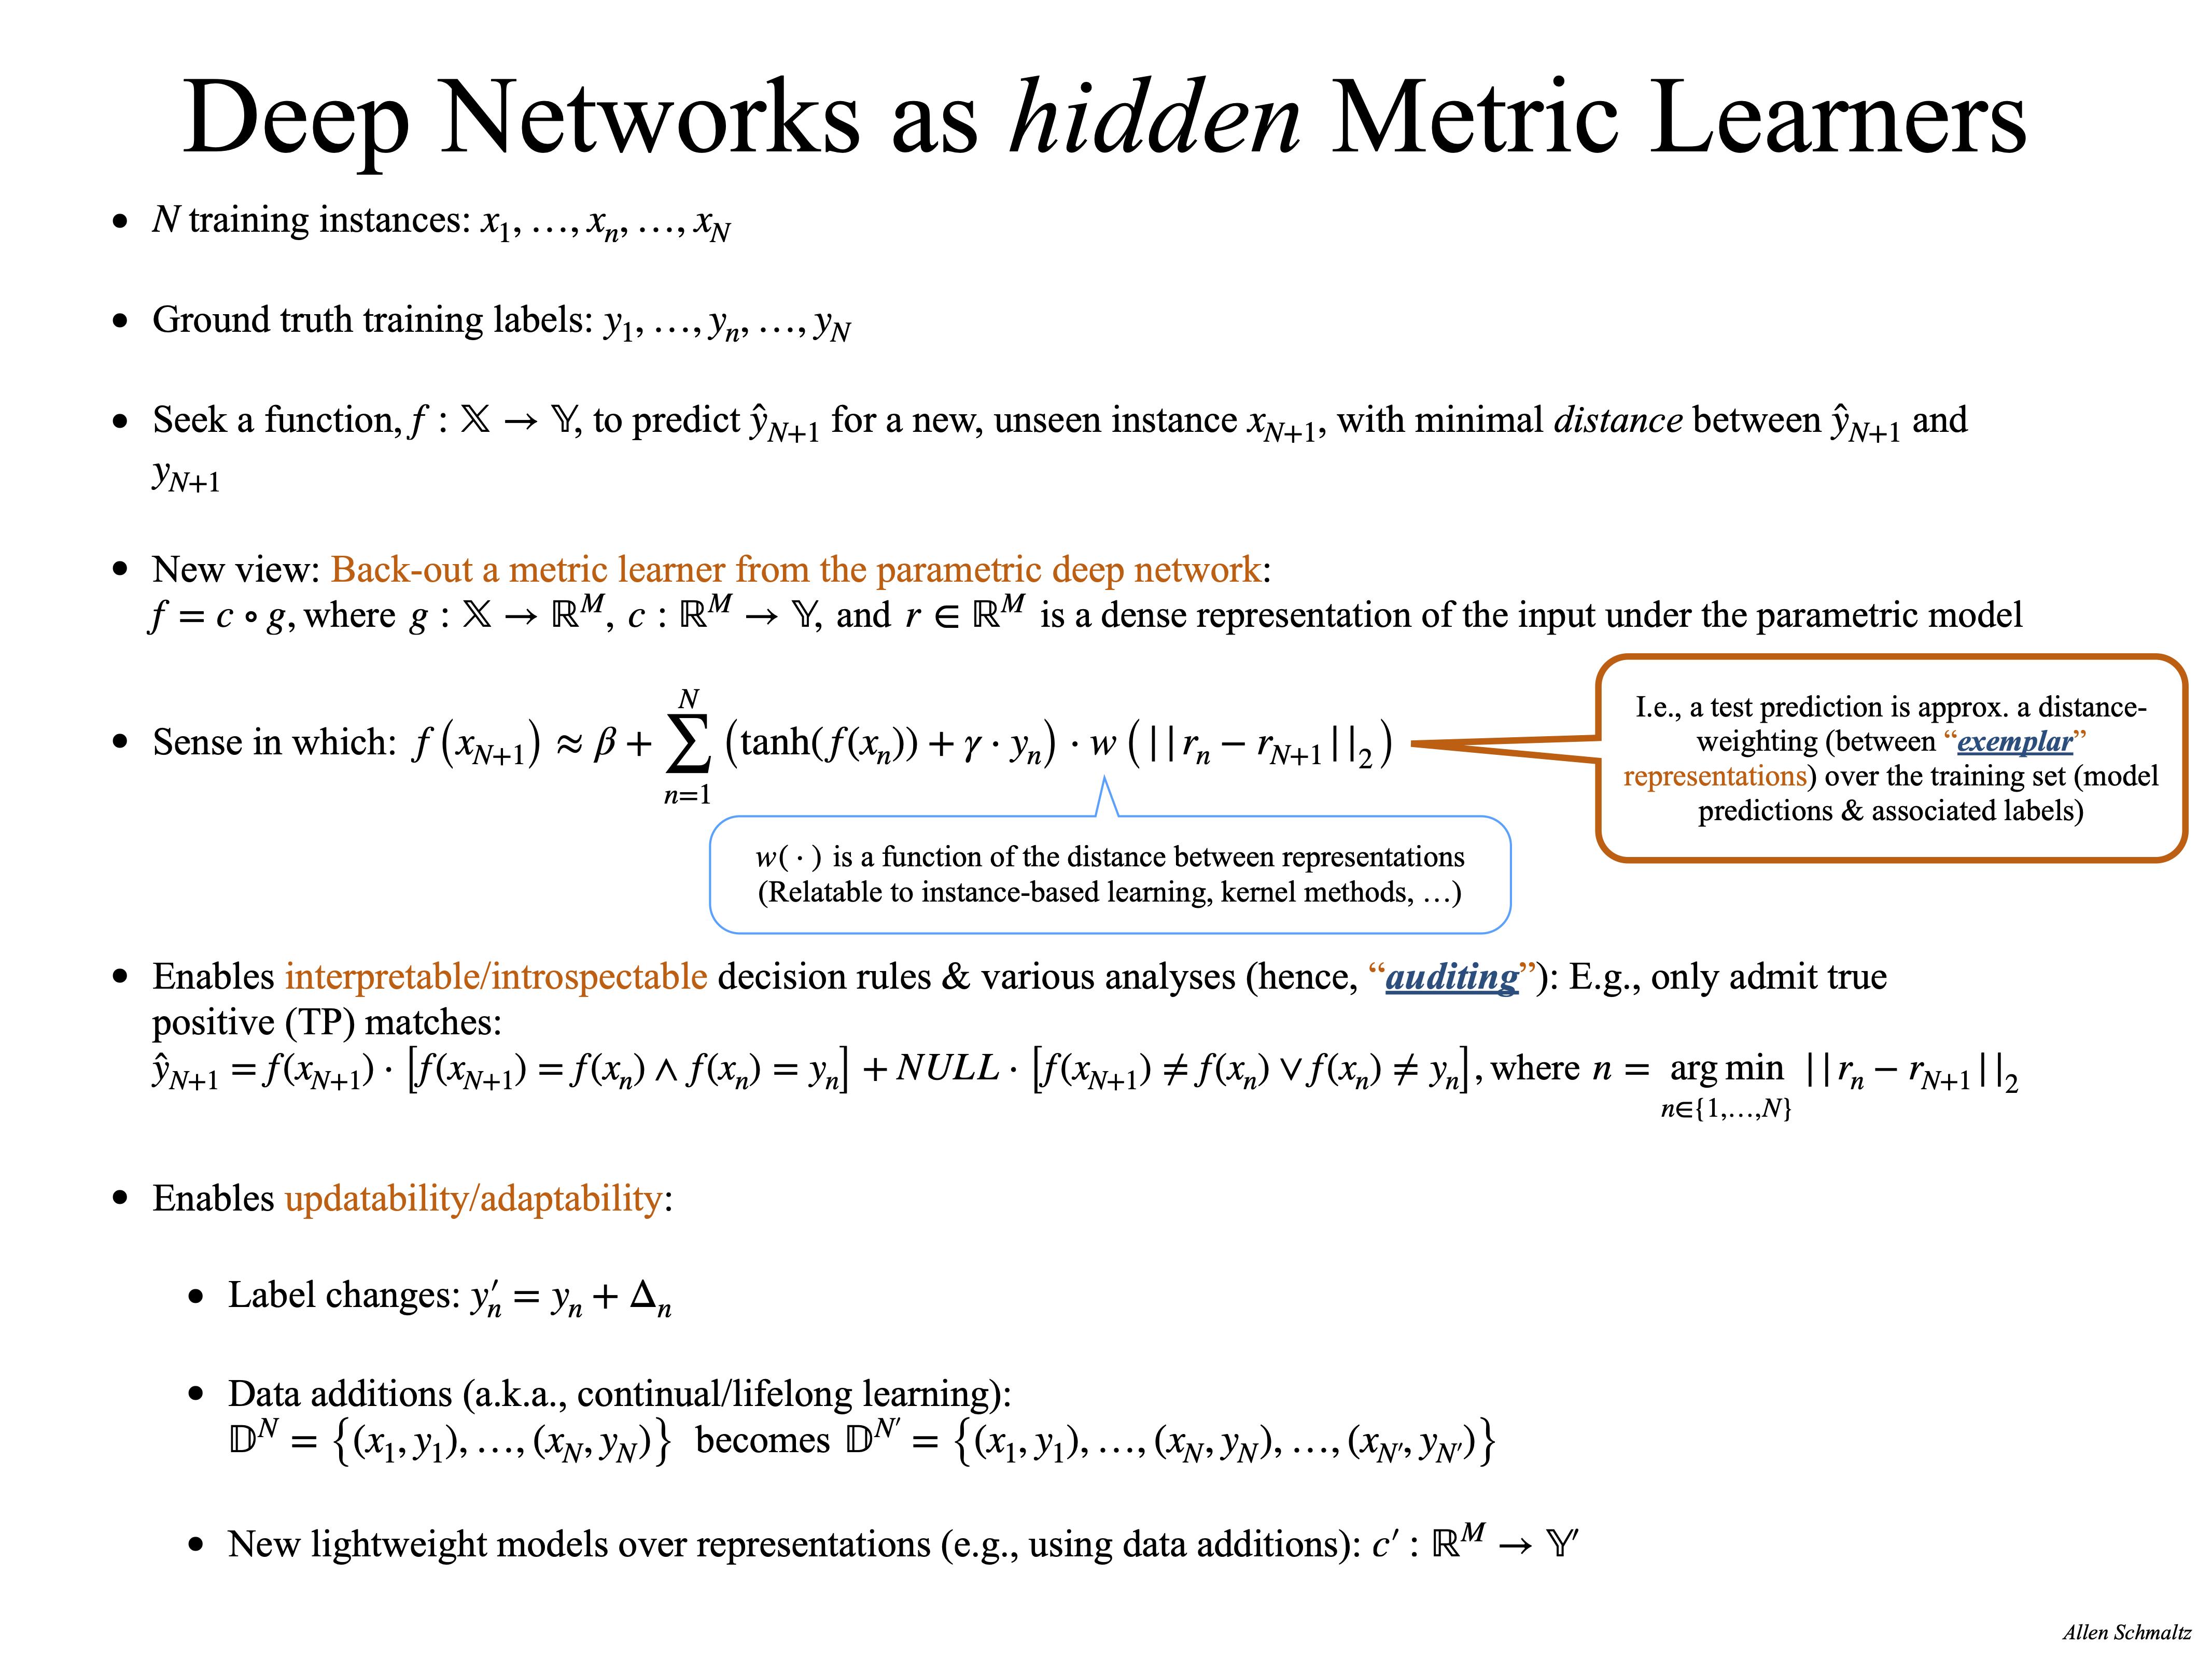 Deep Networks as Metric Learners